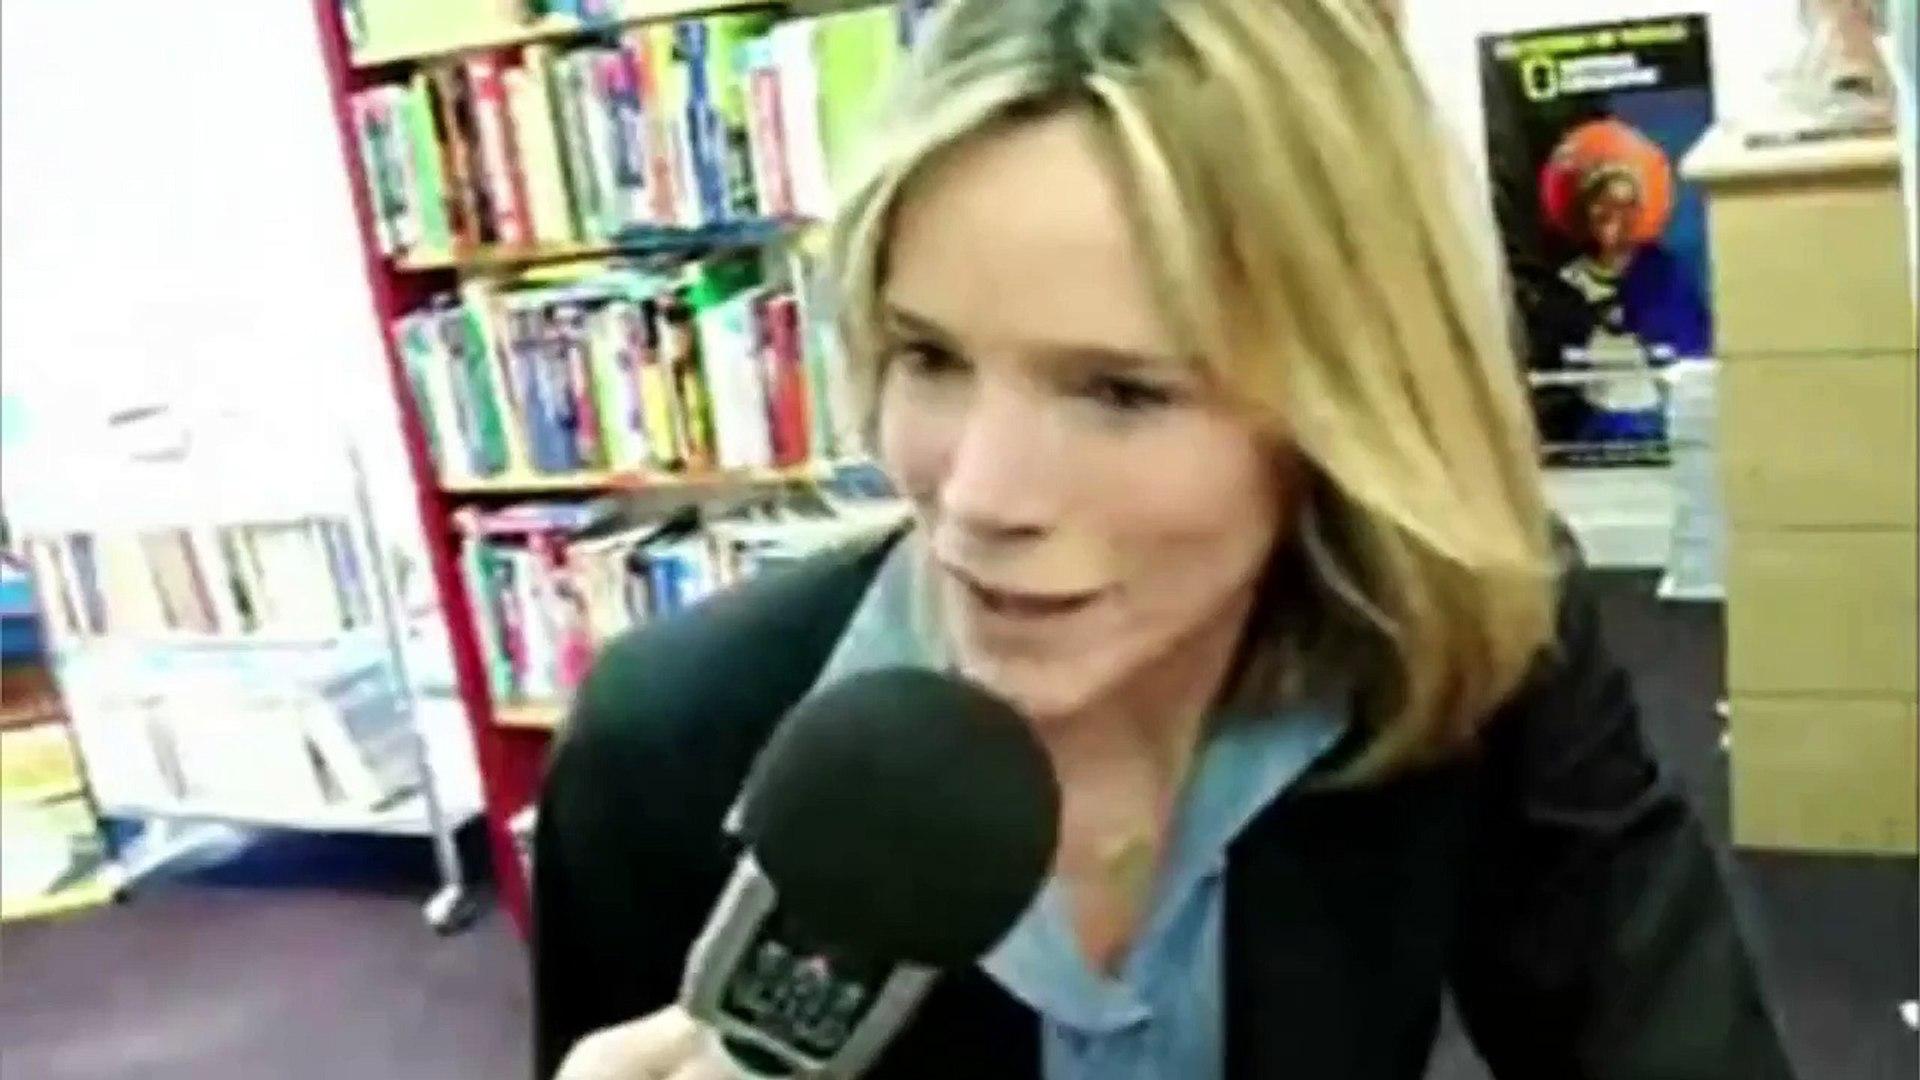 La filleule d'Alain Delon arrêtée par la police